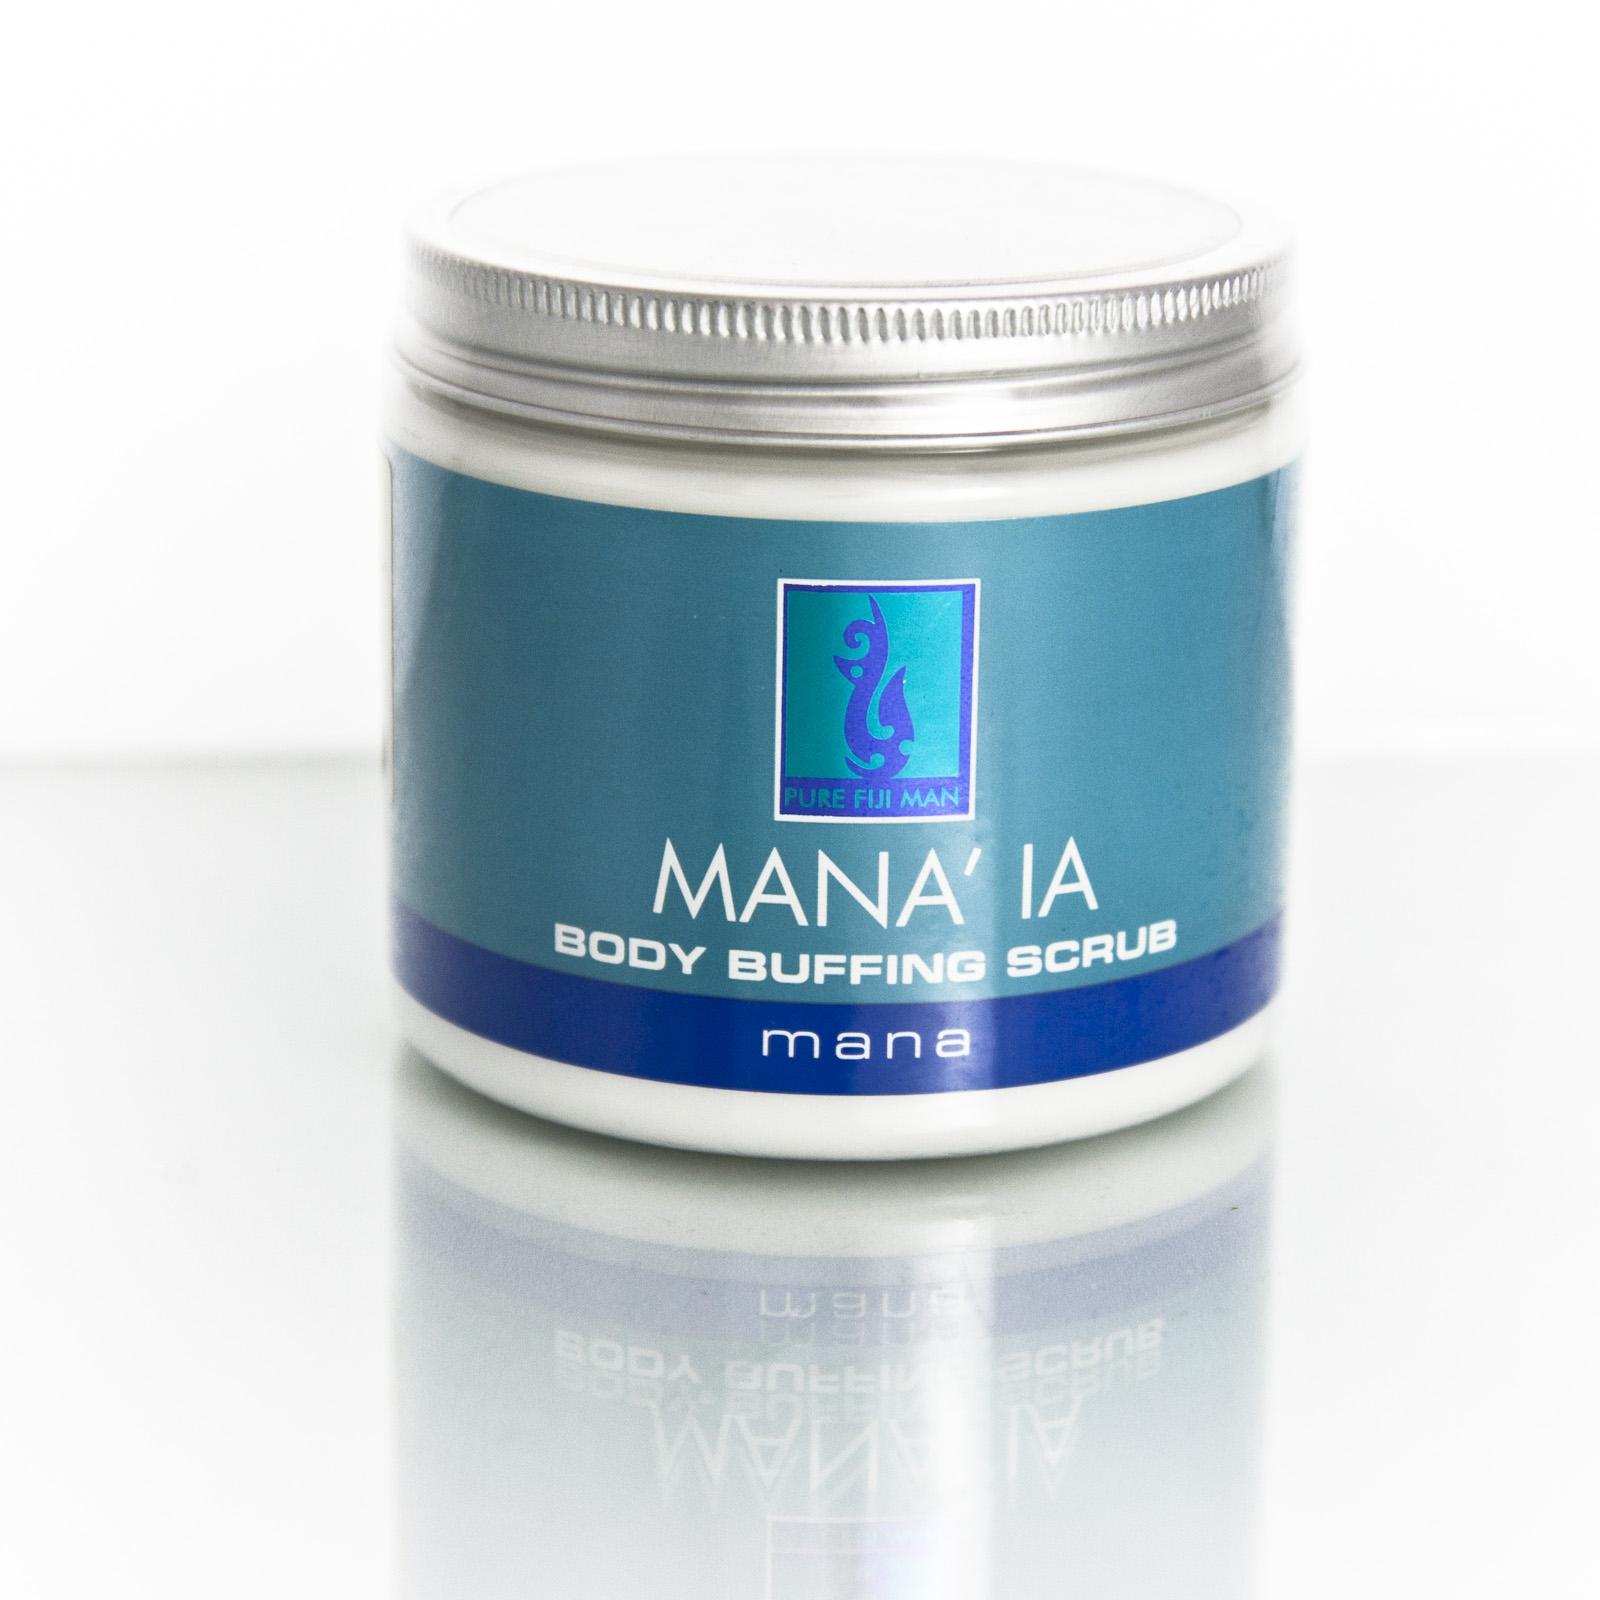 Pure Fiji Pánský tělový peeling Mana'ia 472 ml